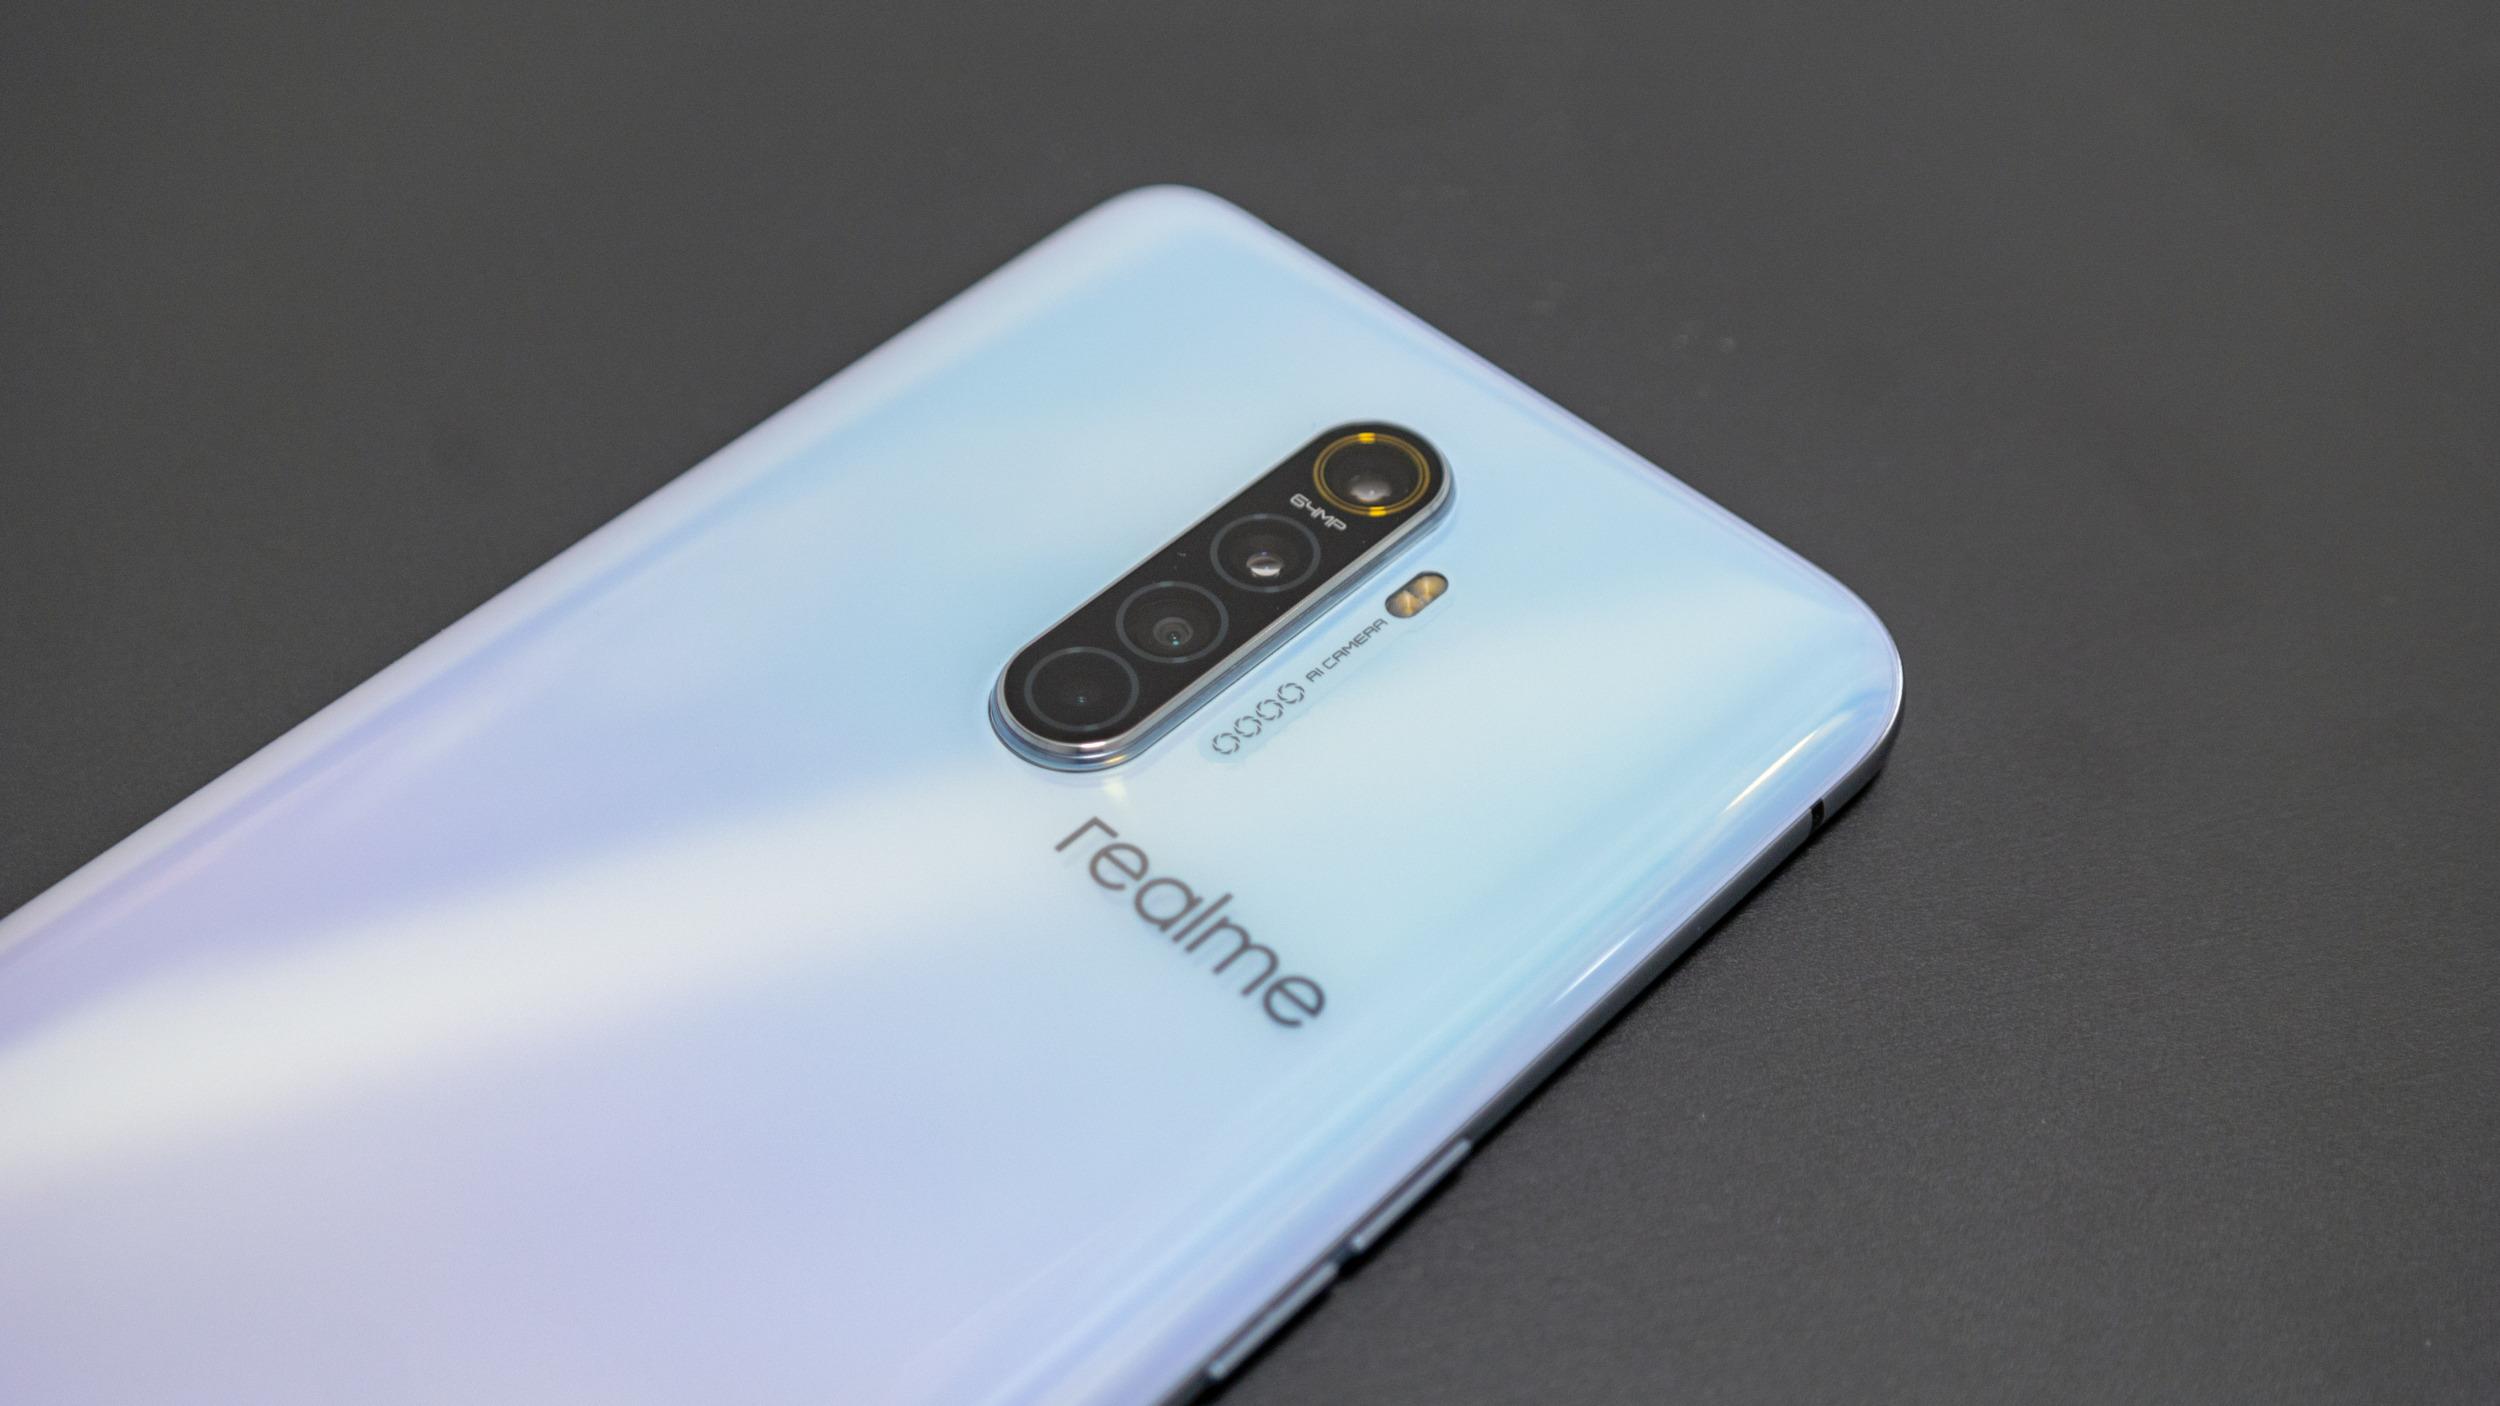 Realme láká na MagDart, první magnetické bezdrátové nabíjení u Androidu [aktualizováno]